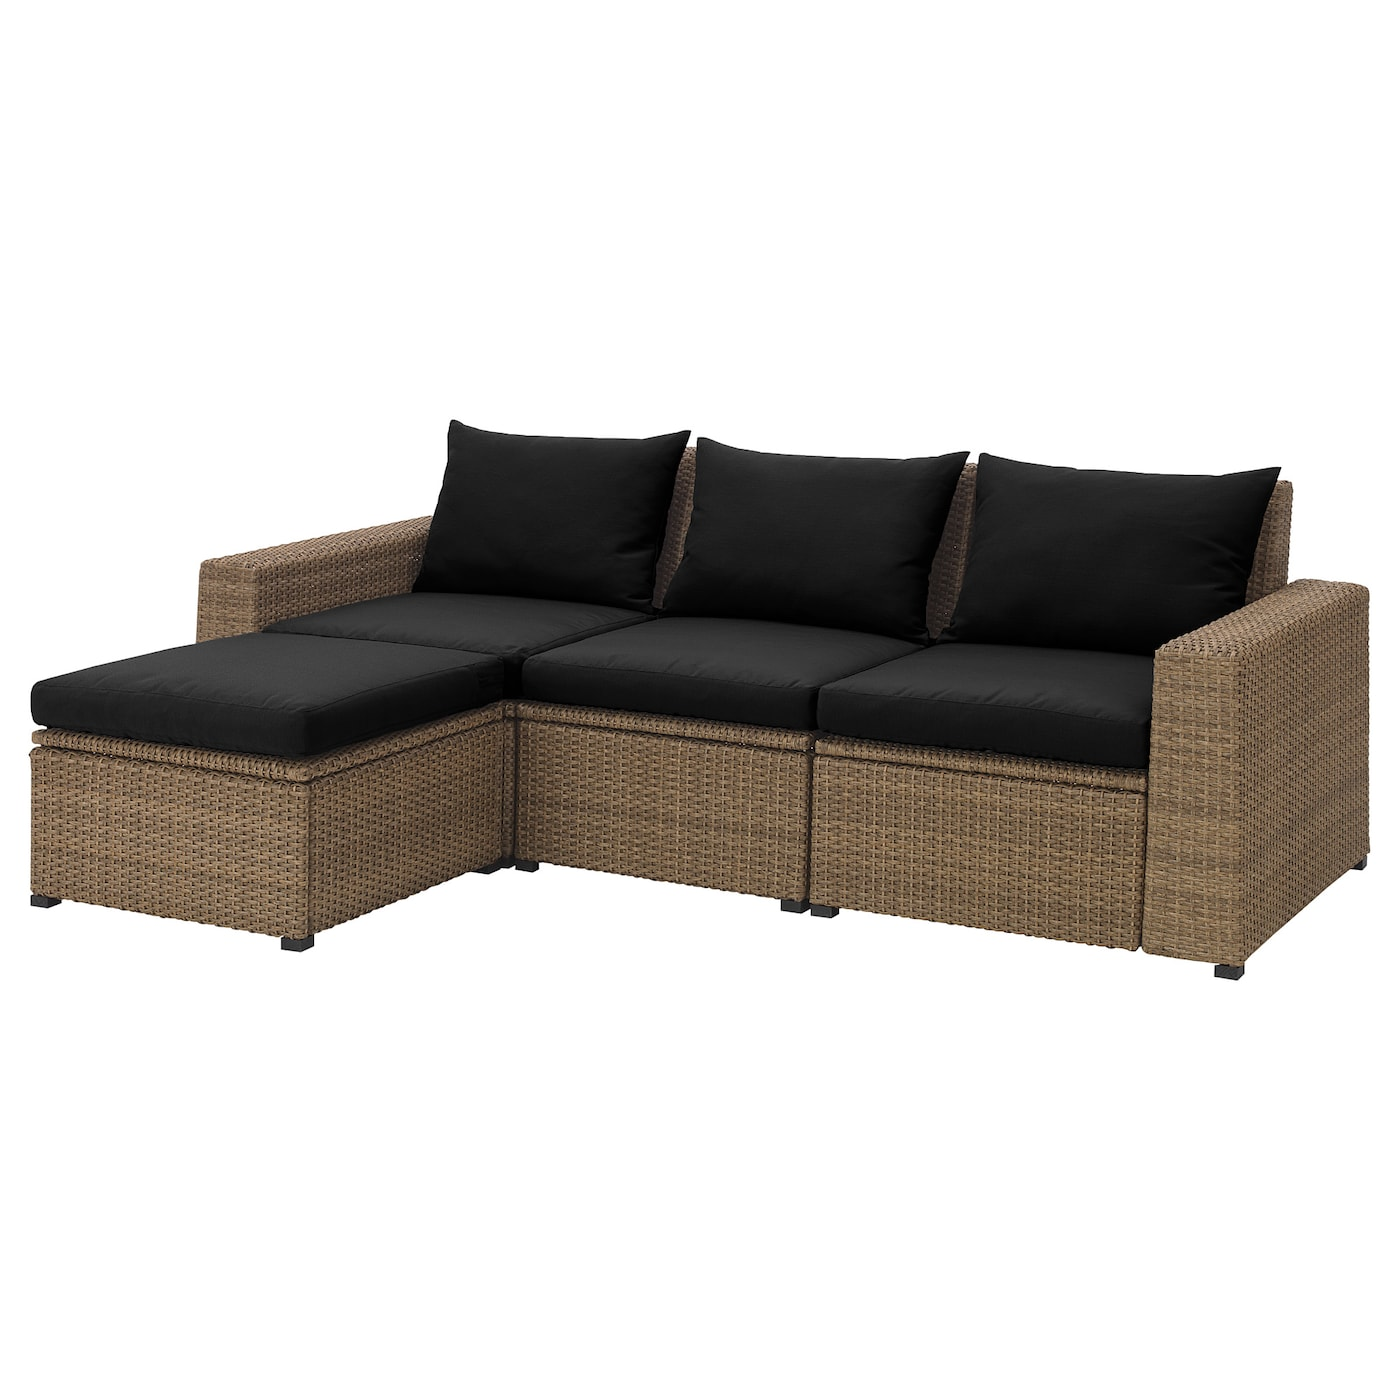 Outdoor garden sofas ikea for Sofa exterior jardin